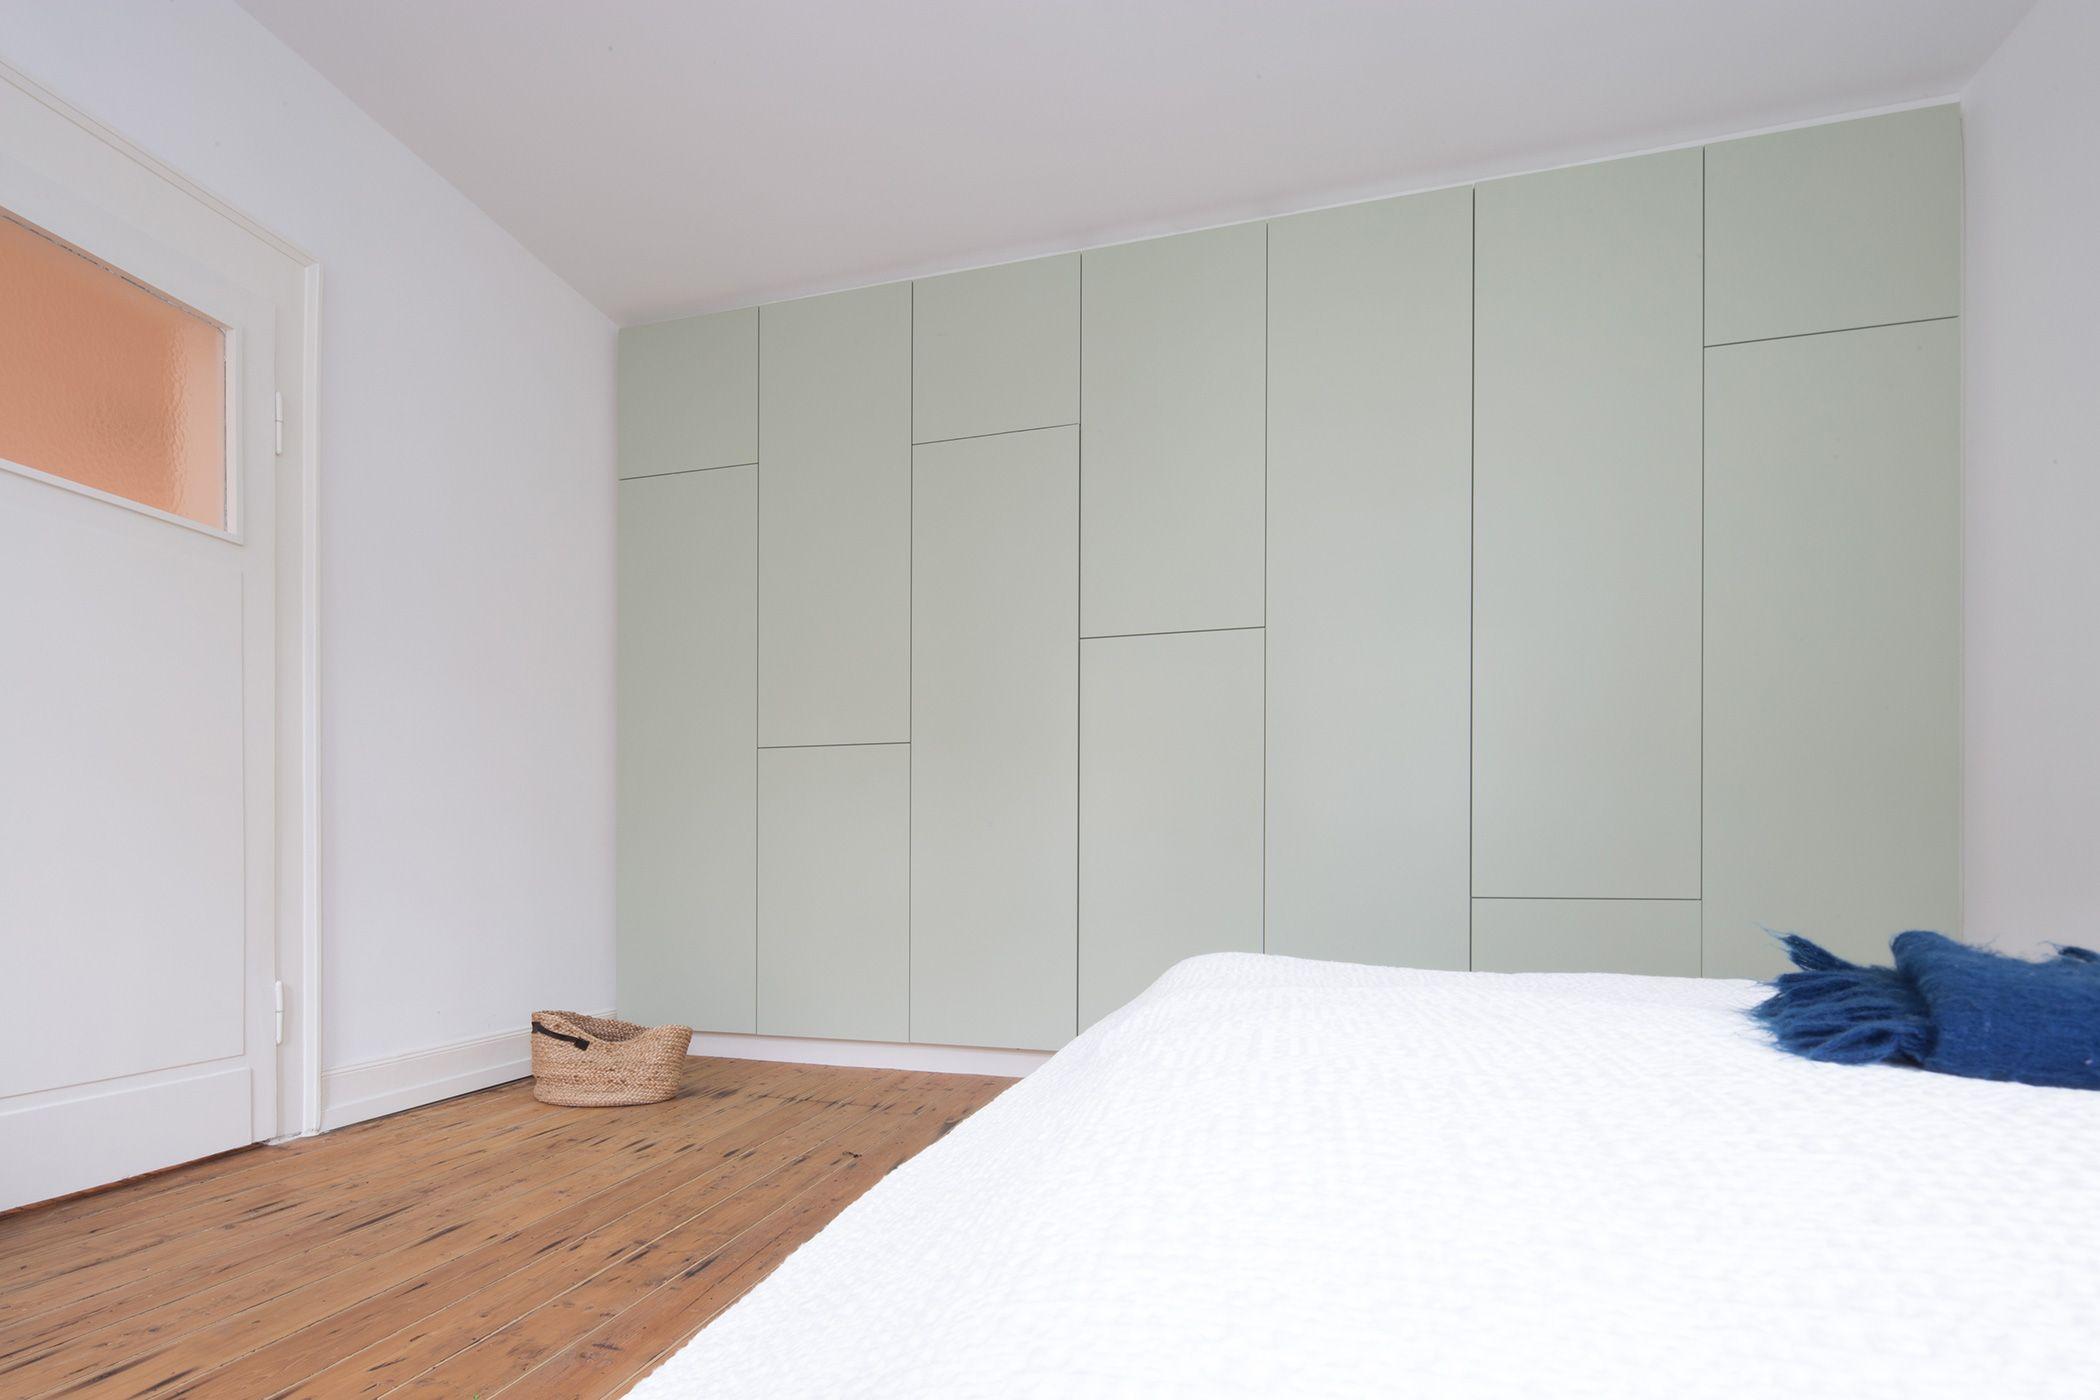 Einbauschrank Schlafzimmer - Caseconrad.com